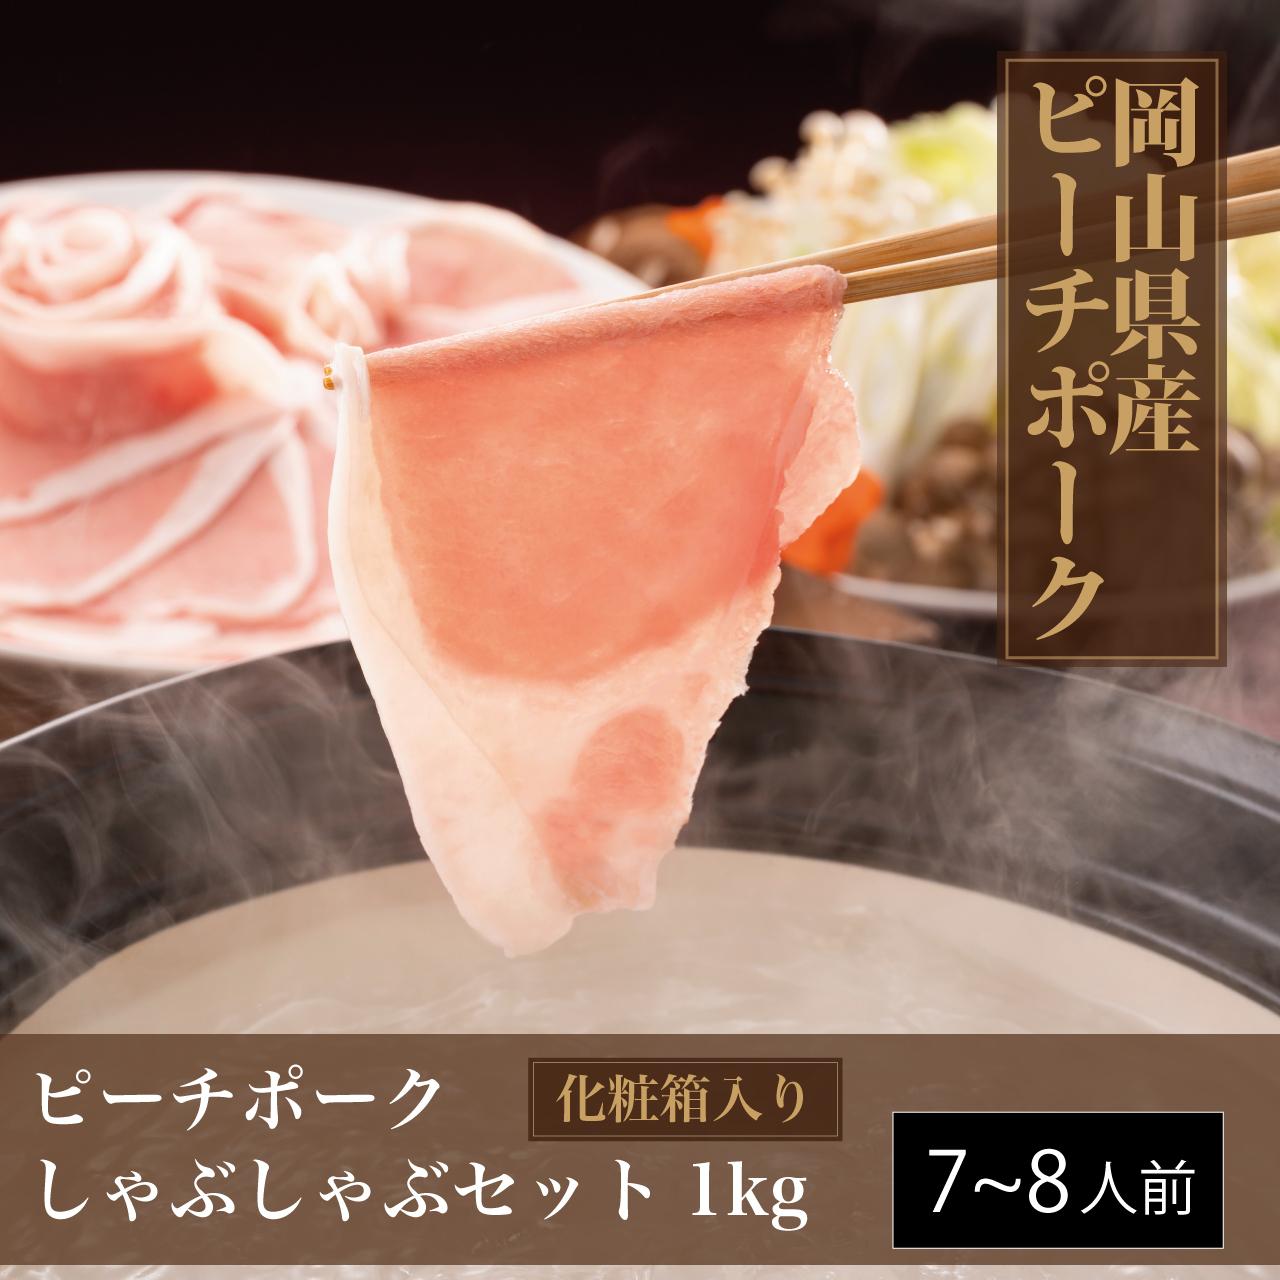 おかやまピーチポークしゃぶしゃぶセット1kg(7〜8人前)【送料無料】